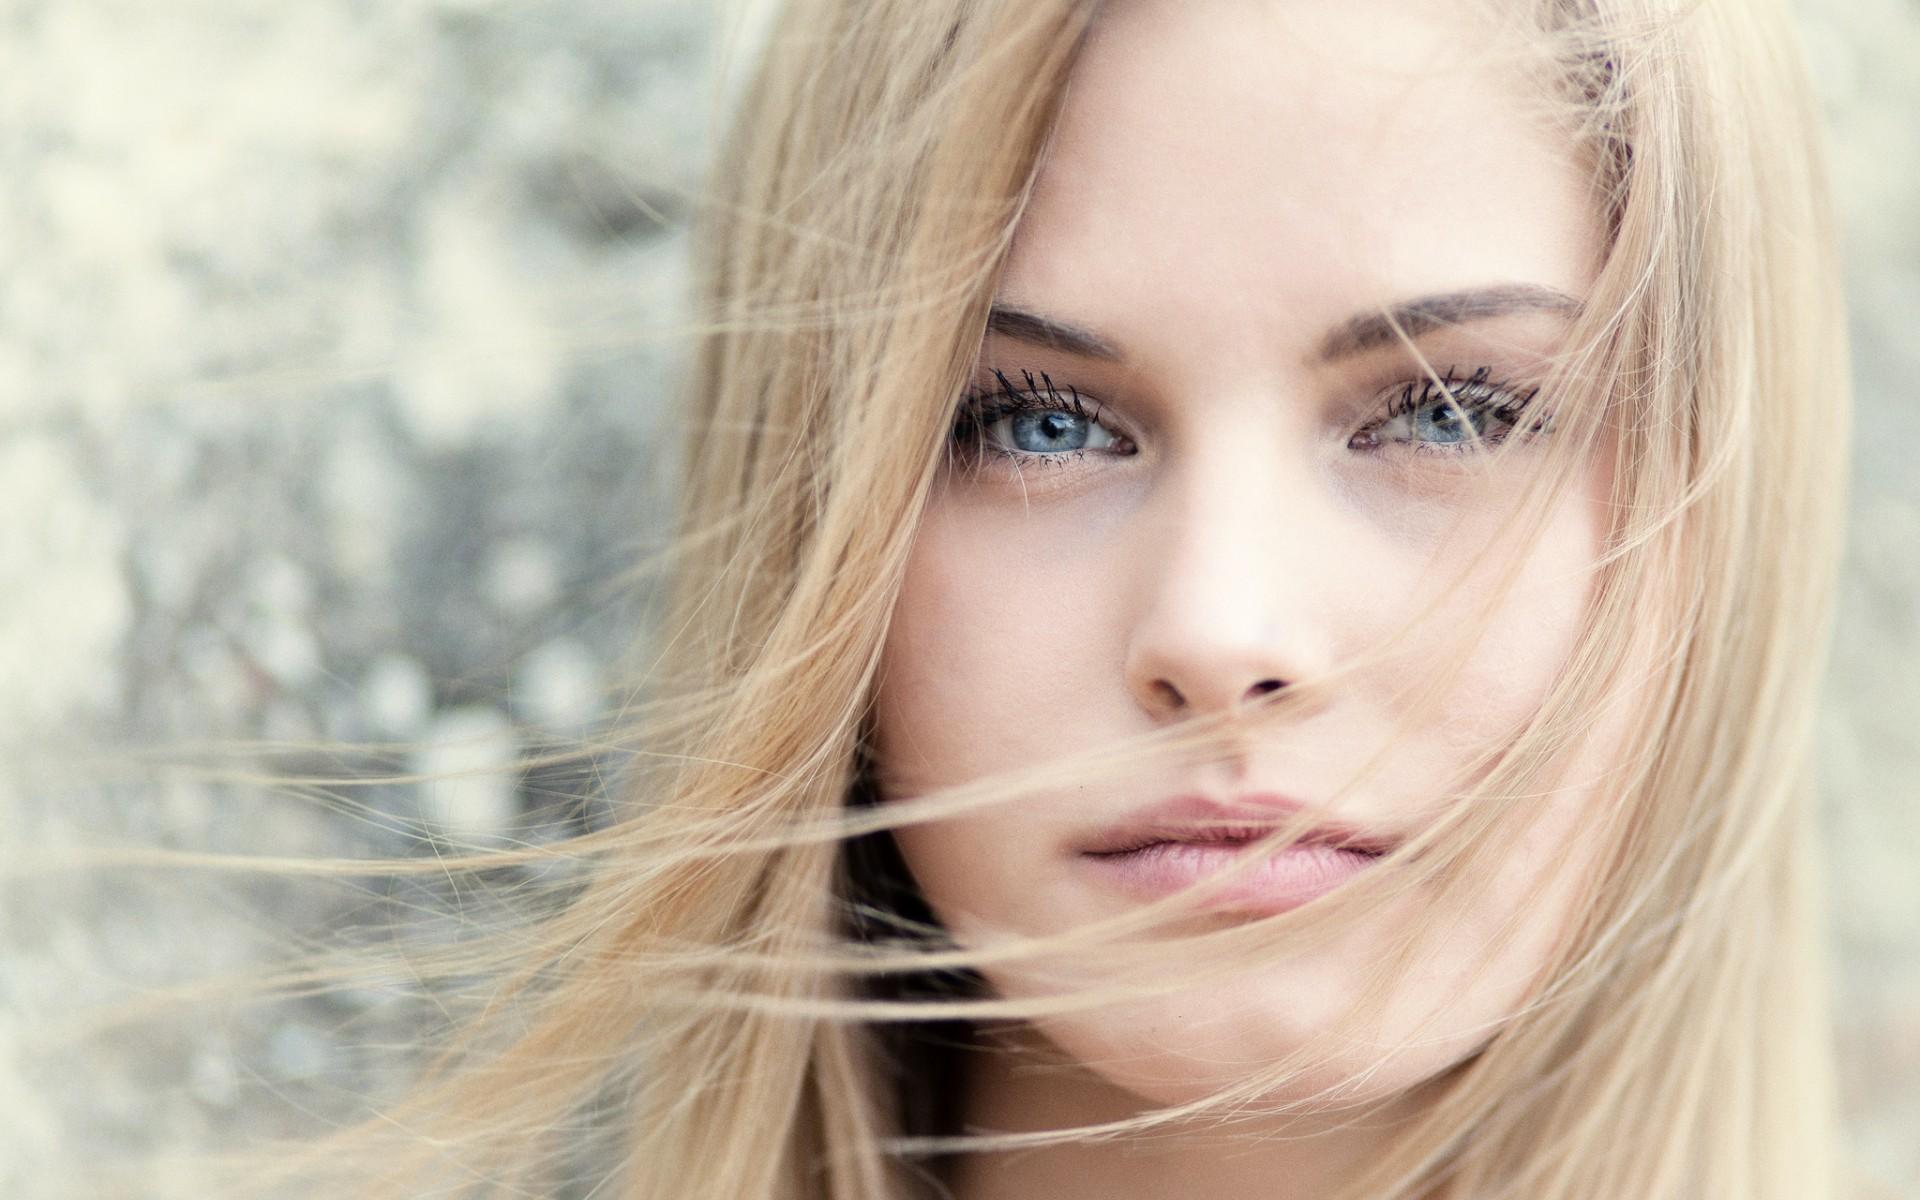 دختر با صورت و موی بلوند و چشم رنگی